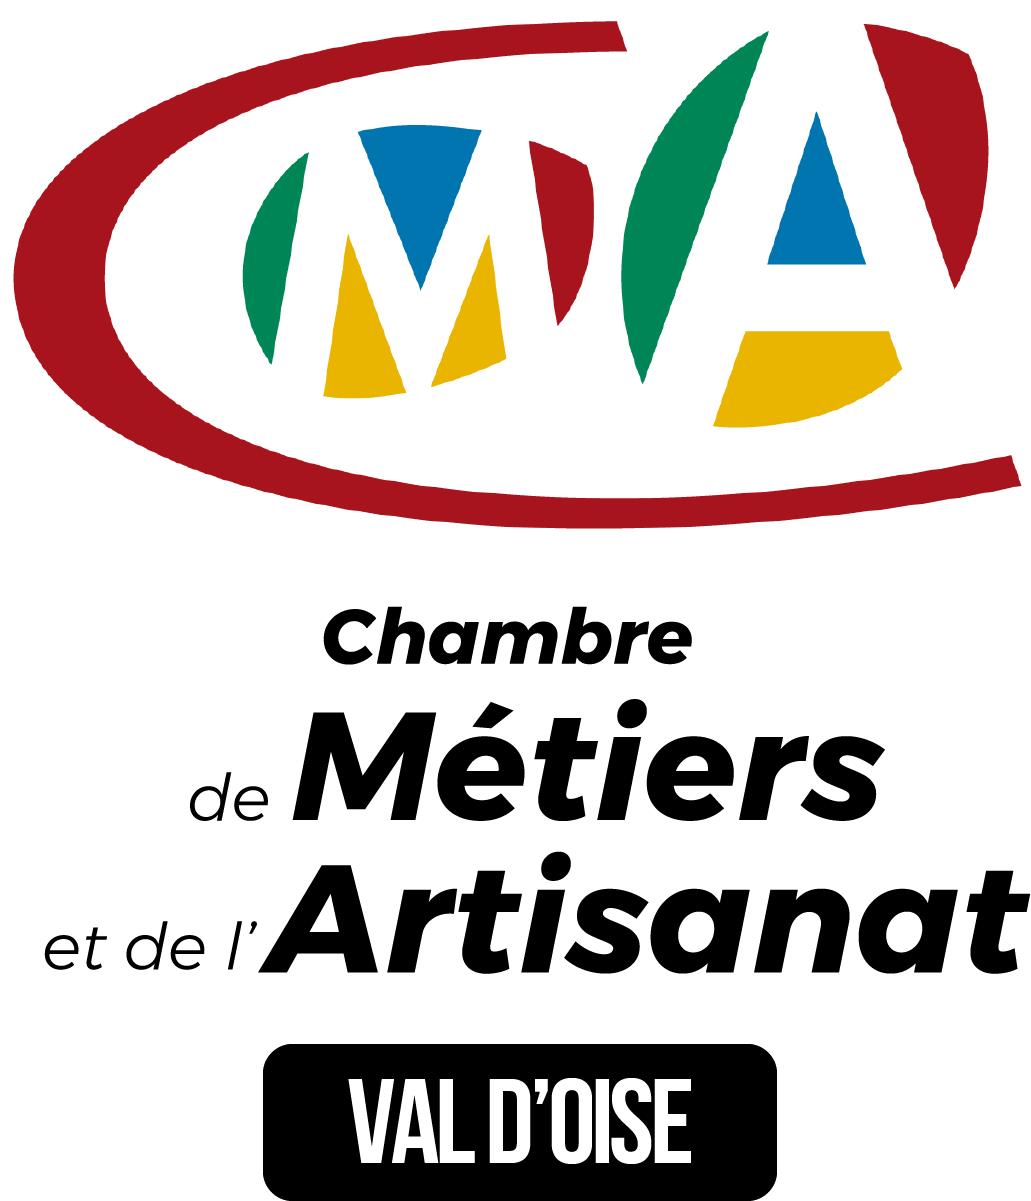 Bienvenue à la Chambre de Métiers et de l'Artisanat du Val d'Oise